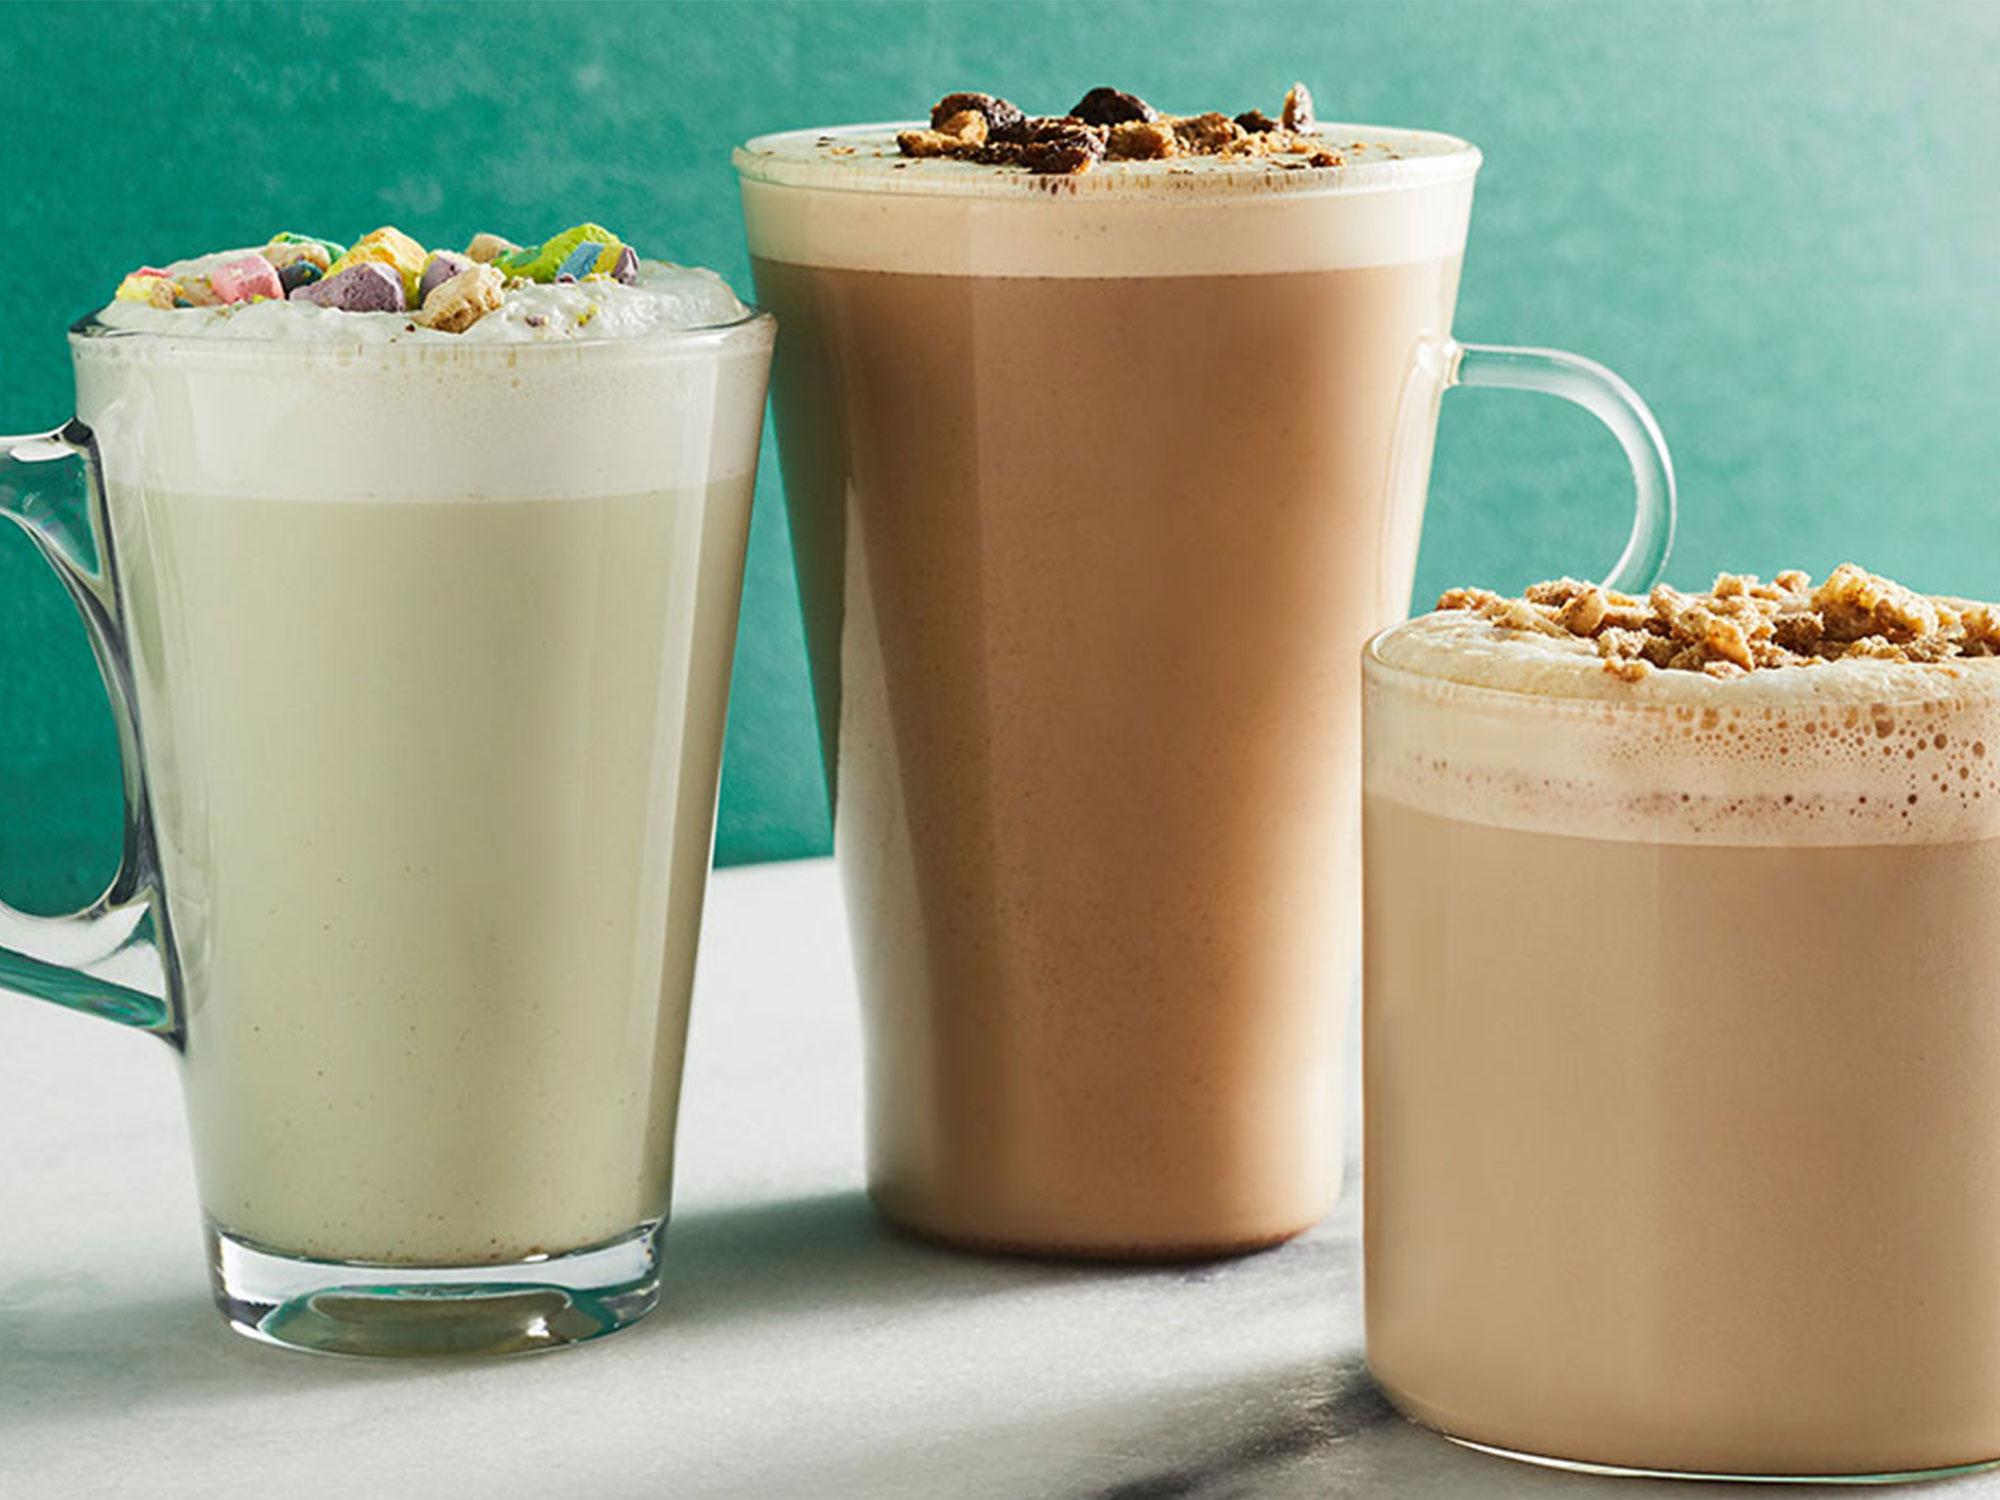 ECcereal-milk-lattes-video-hero